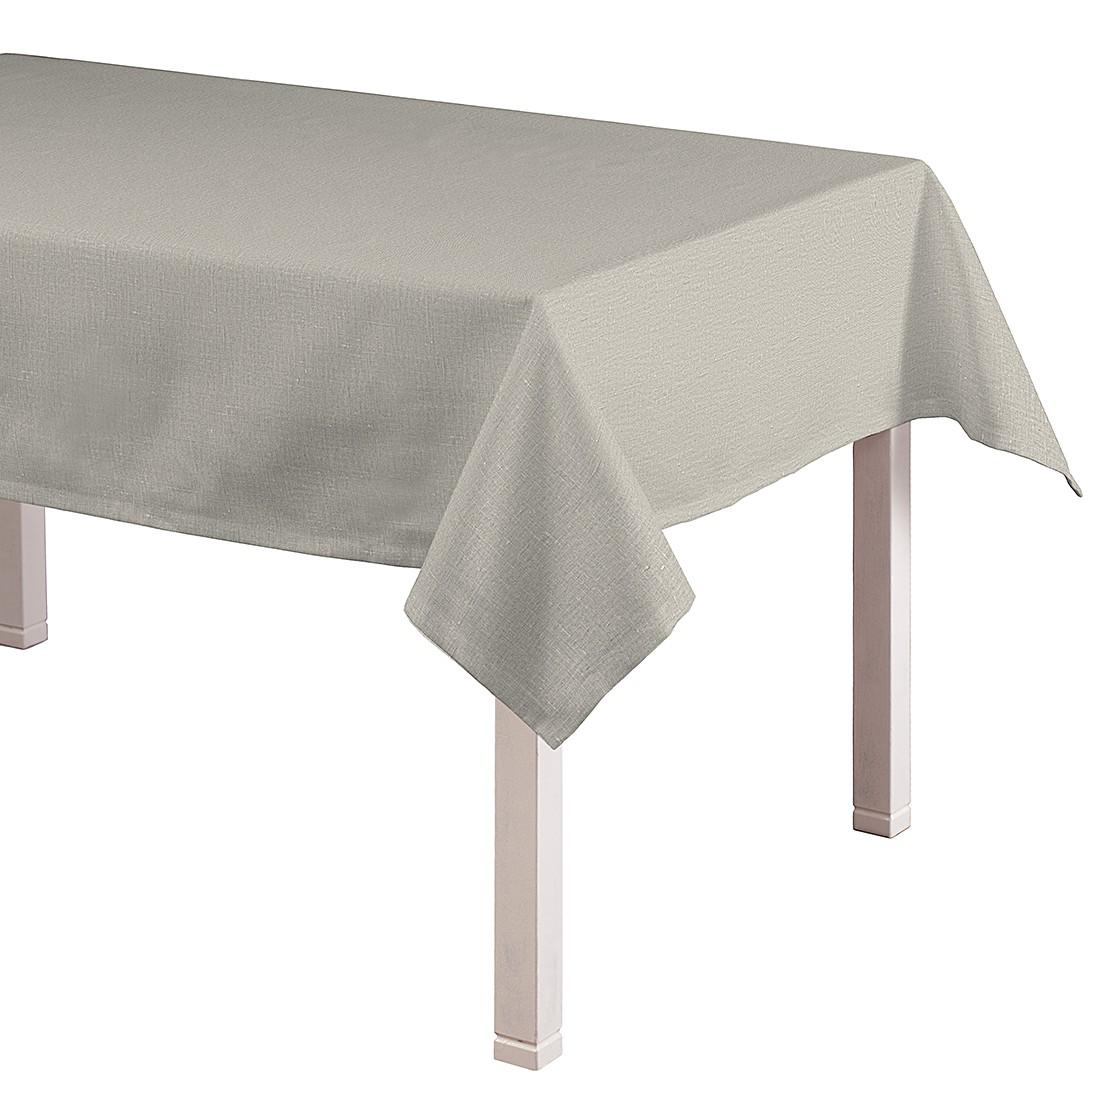 Tischdecke Linen – Beige – 130 x 130 cm, Dekoria jetzt kaufen